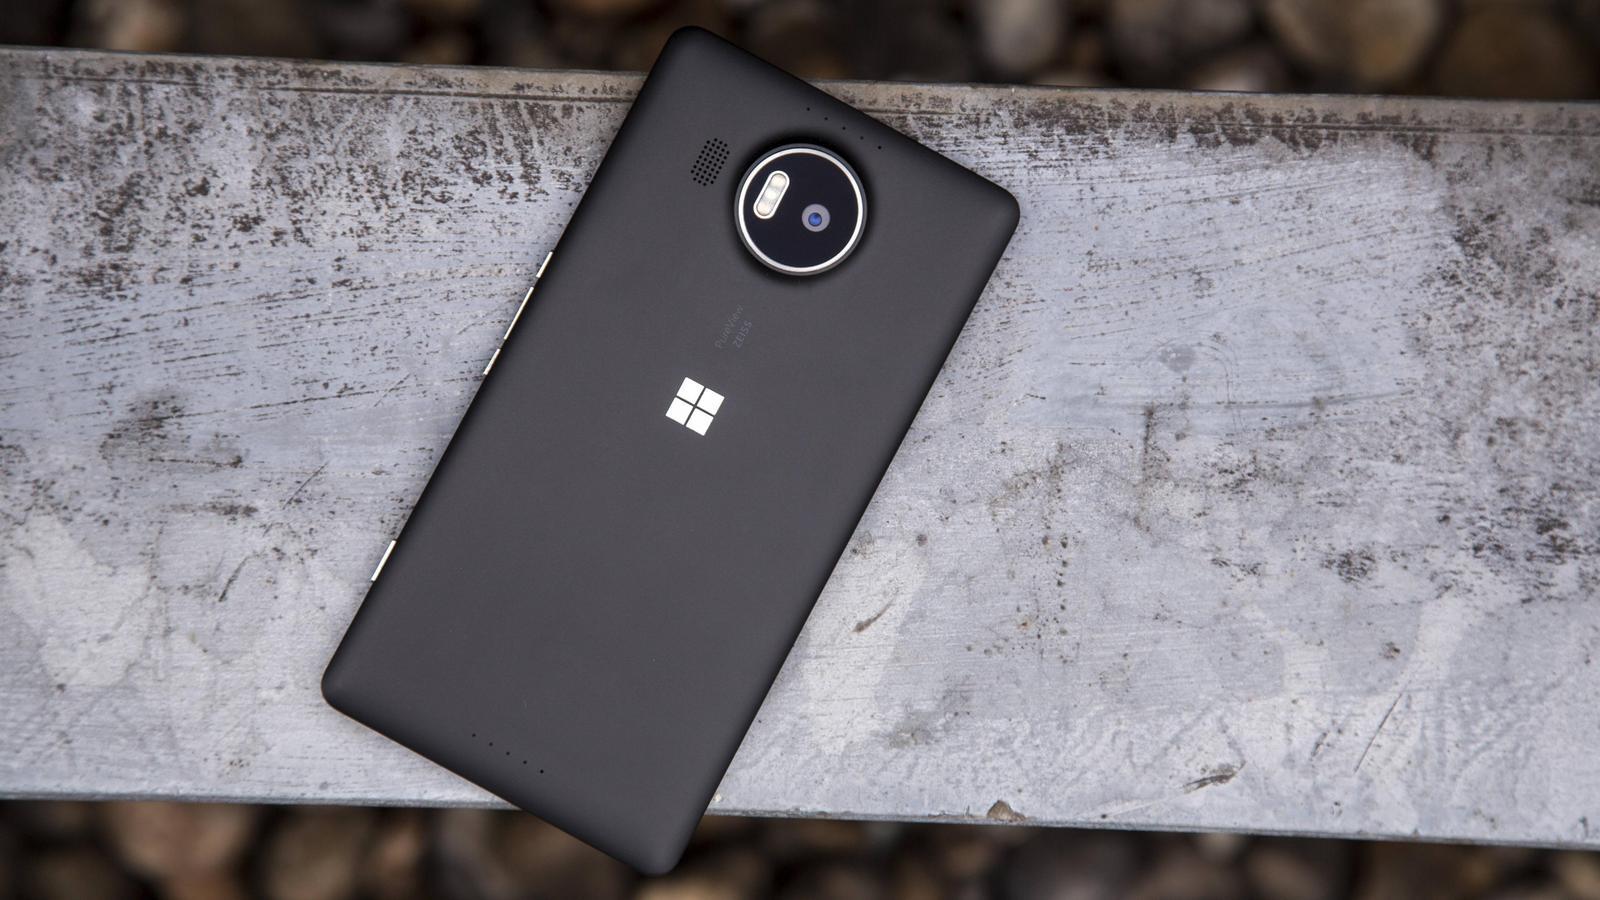 Tin vui cho fan cứng của Windows Phone, ứng dụng Android sẽ sớm chạy được như ứng dụng gốc trên Windows 10 Mobile